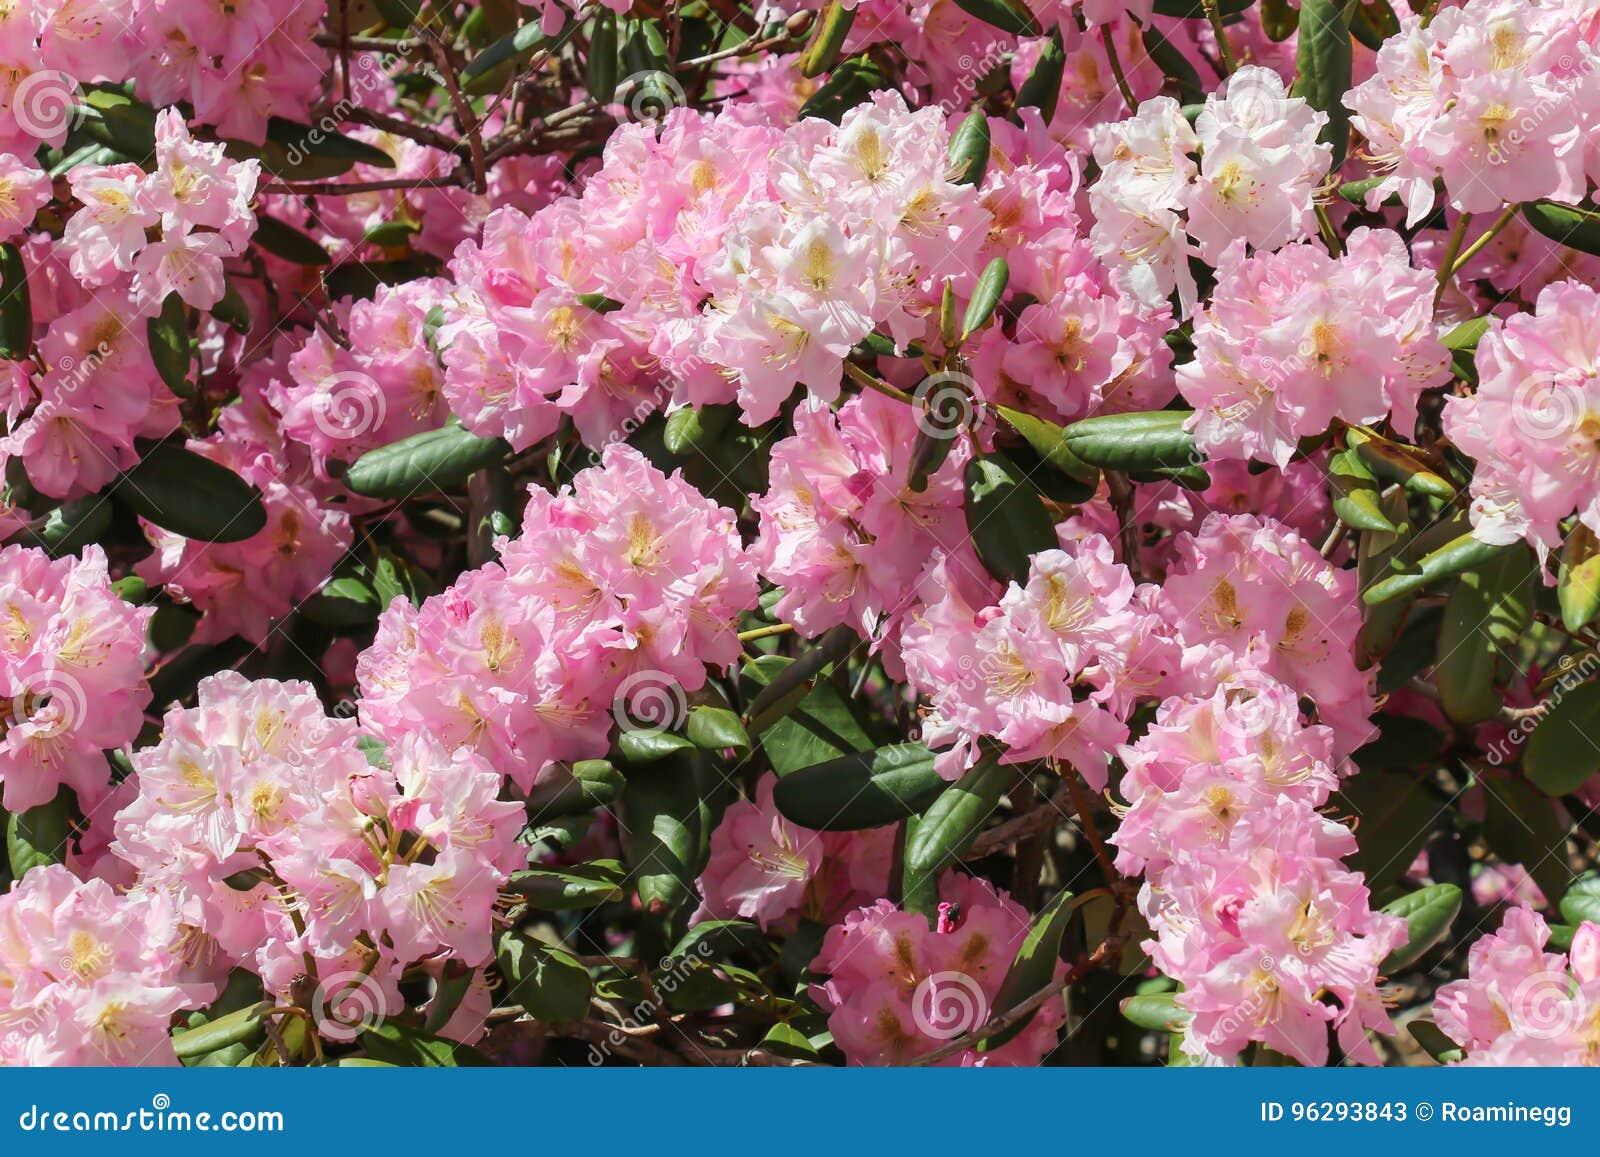 Light Pink Forsythia Bush In Full Bloom Stock Image Image Of